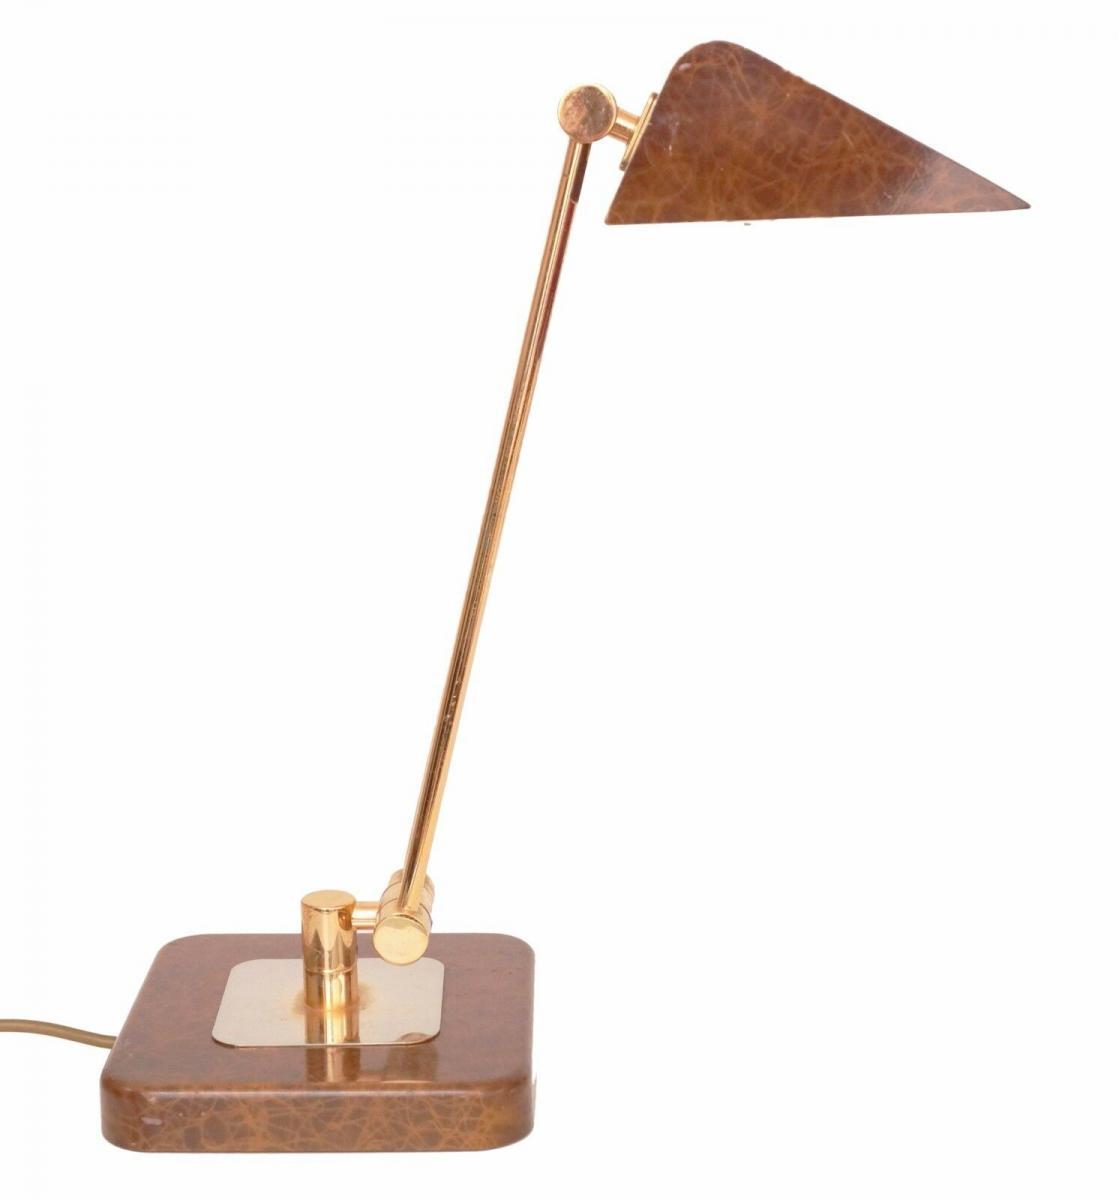 Orig. Hillebrand 80er Retro Schreibtisch Design Schreibtischleuchte Kroko-Optik 0